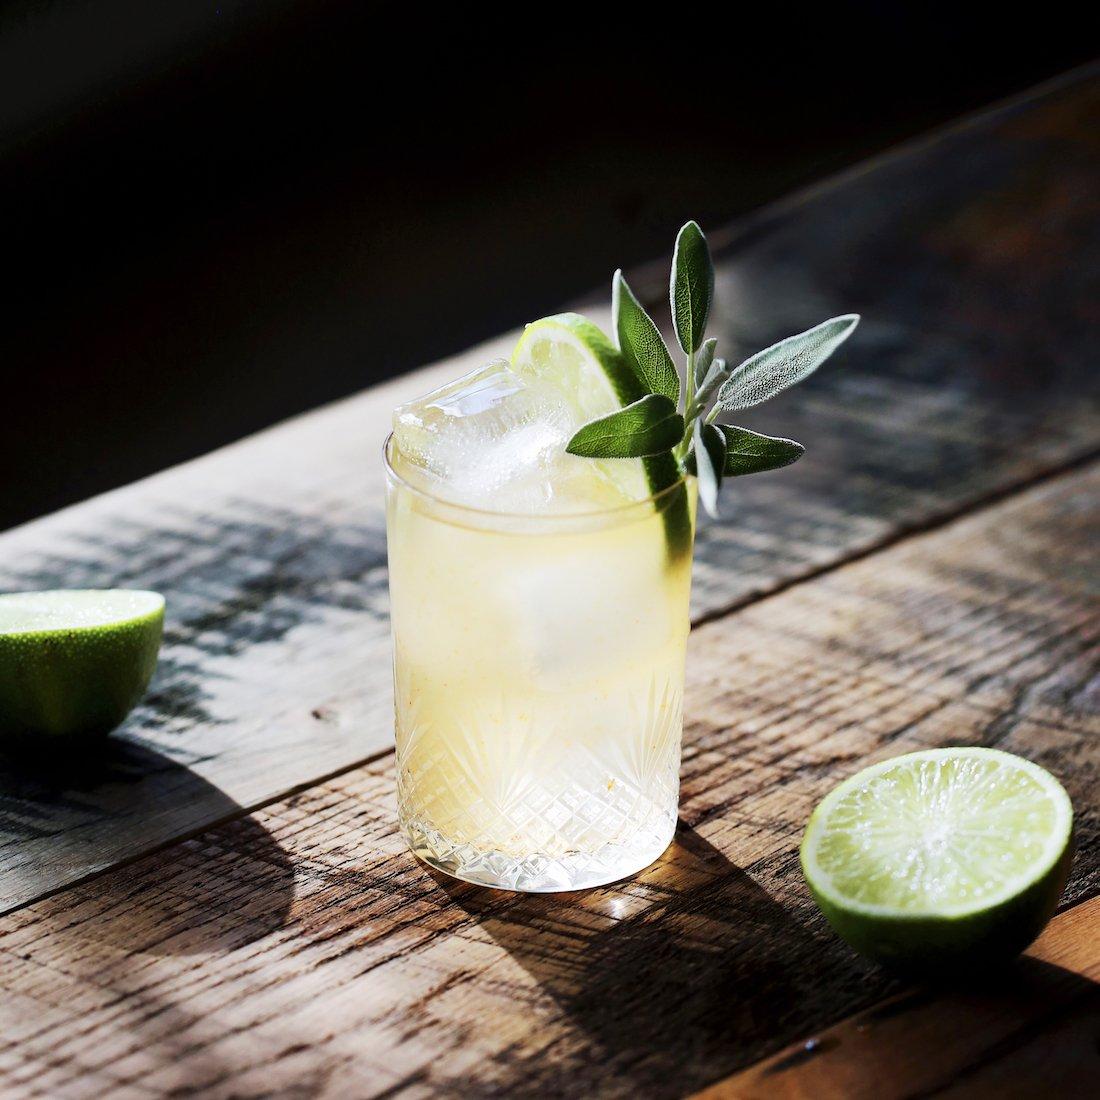 Von Humboldt's Spice Road Cocktail